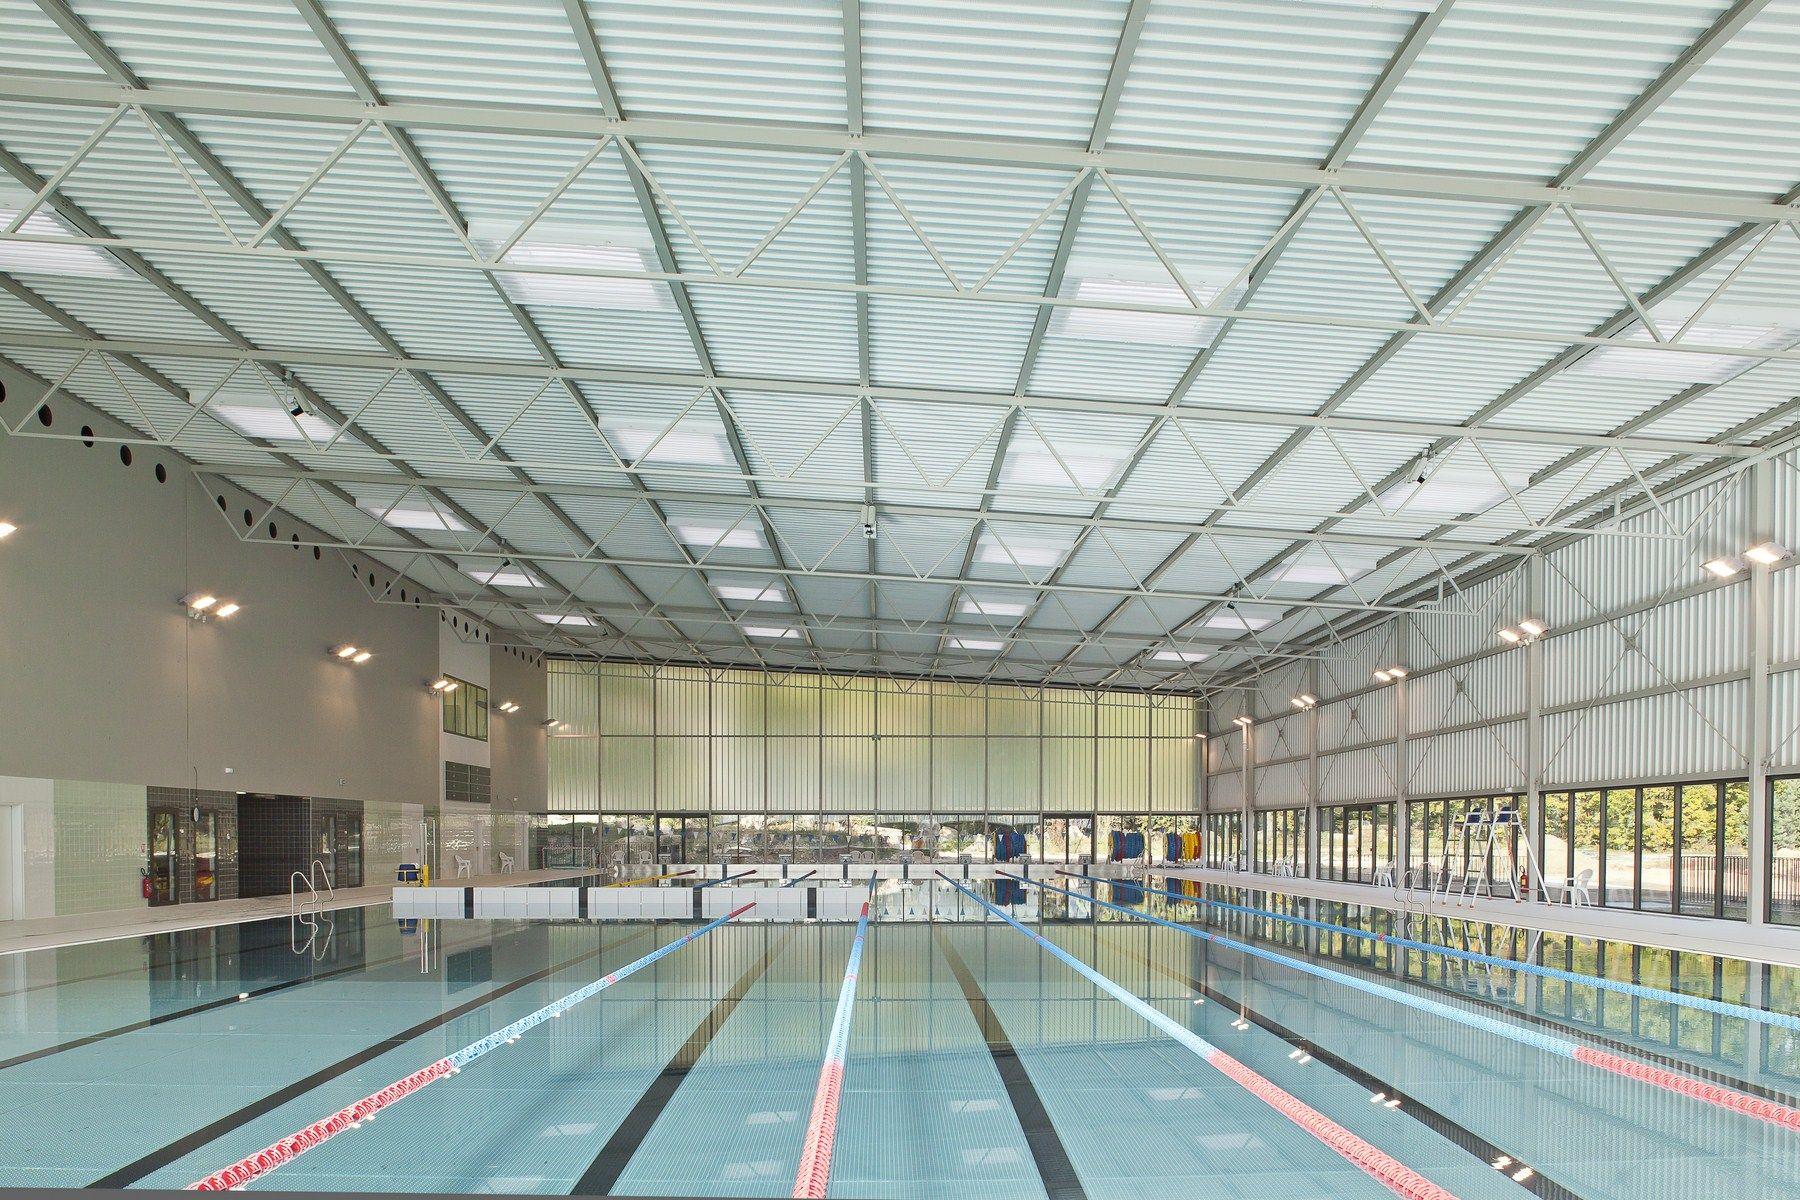 Campus Militaire Et Sportif Cnsd Fontainebleau France 2014